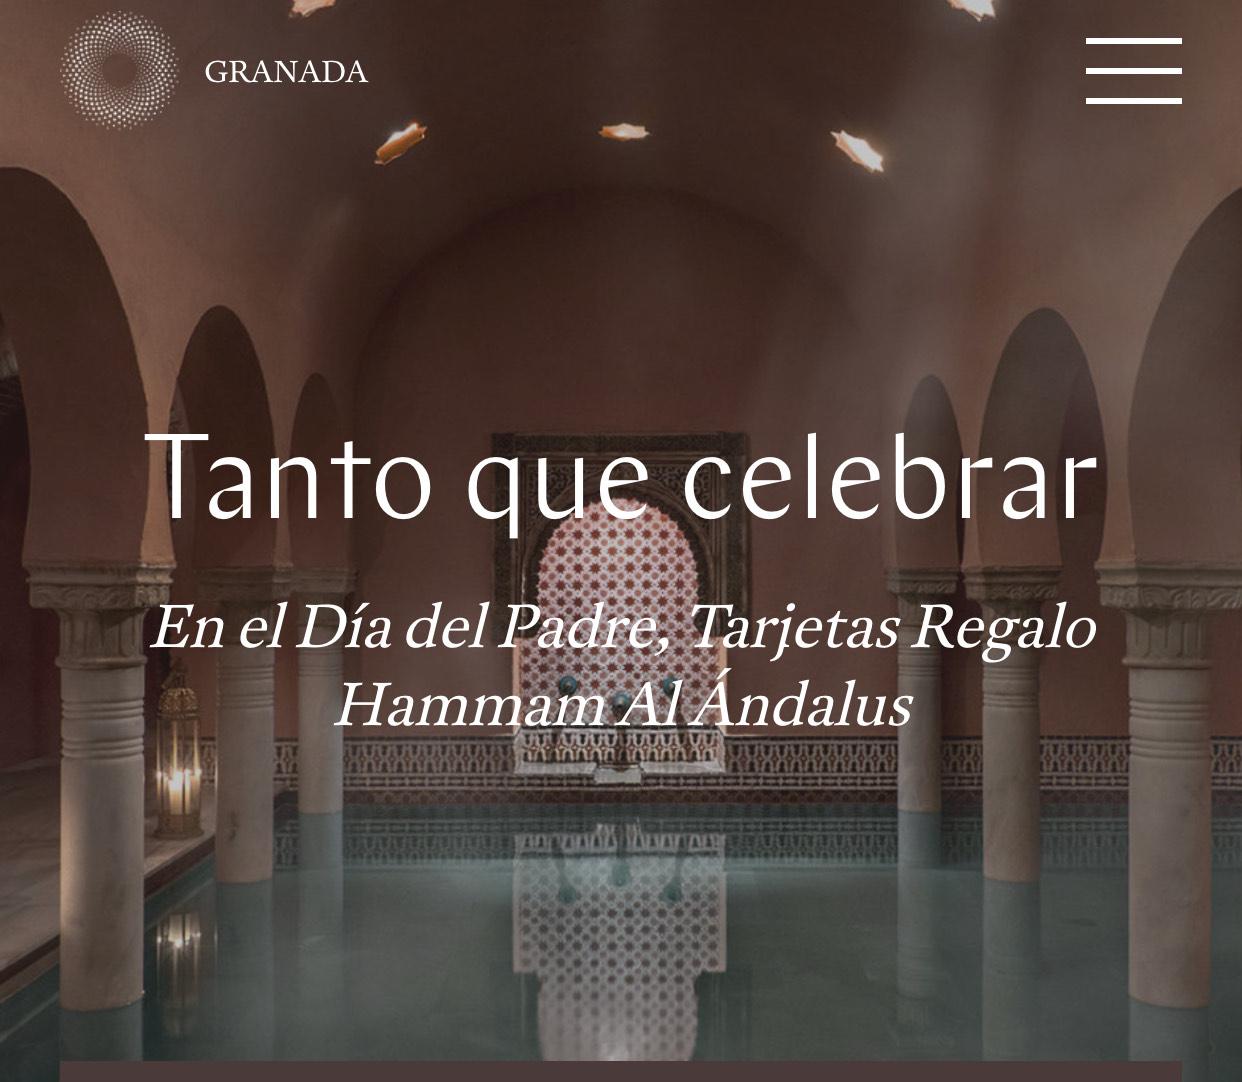 Descuento de hasta un 25% en tarjetas regalo para los baños árabes de Granada